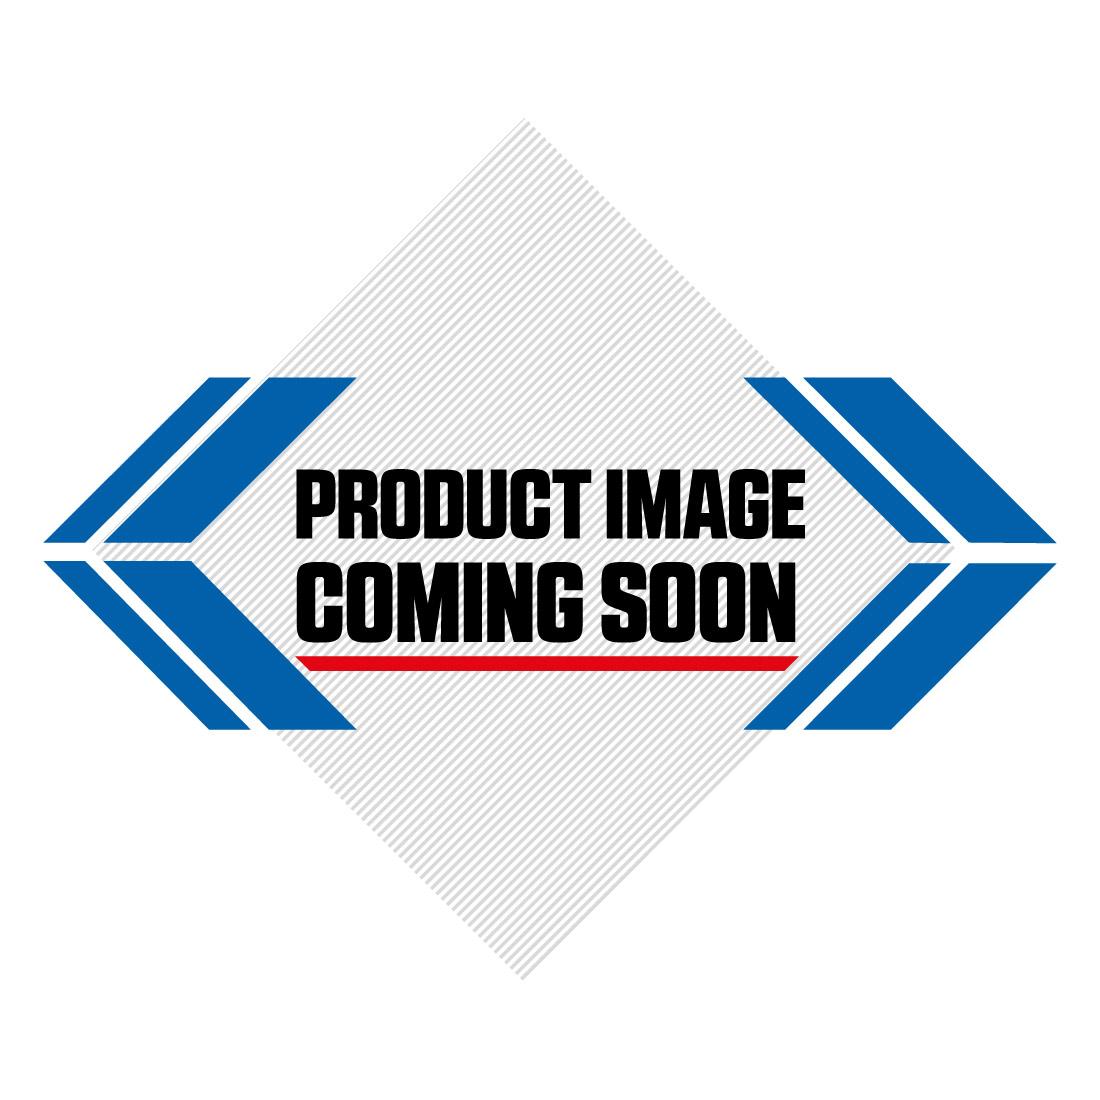 UFO KTM Plastic Kit SX 125 150 250 SXF 250 350 450 (16-18) Black Image-2>